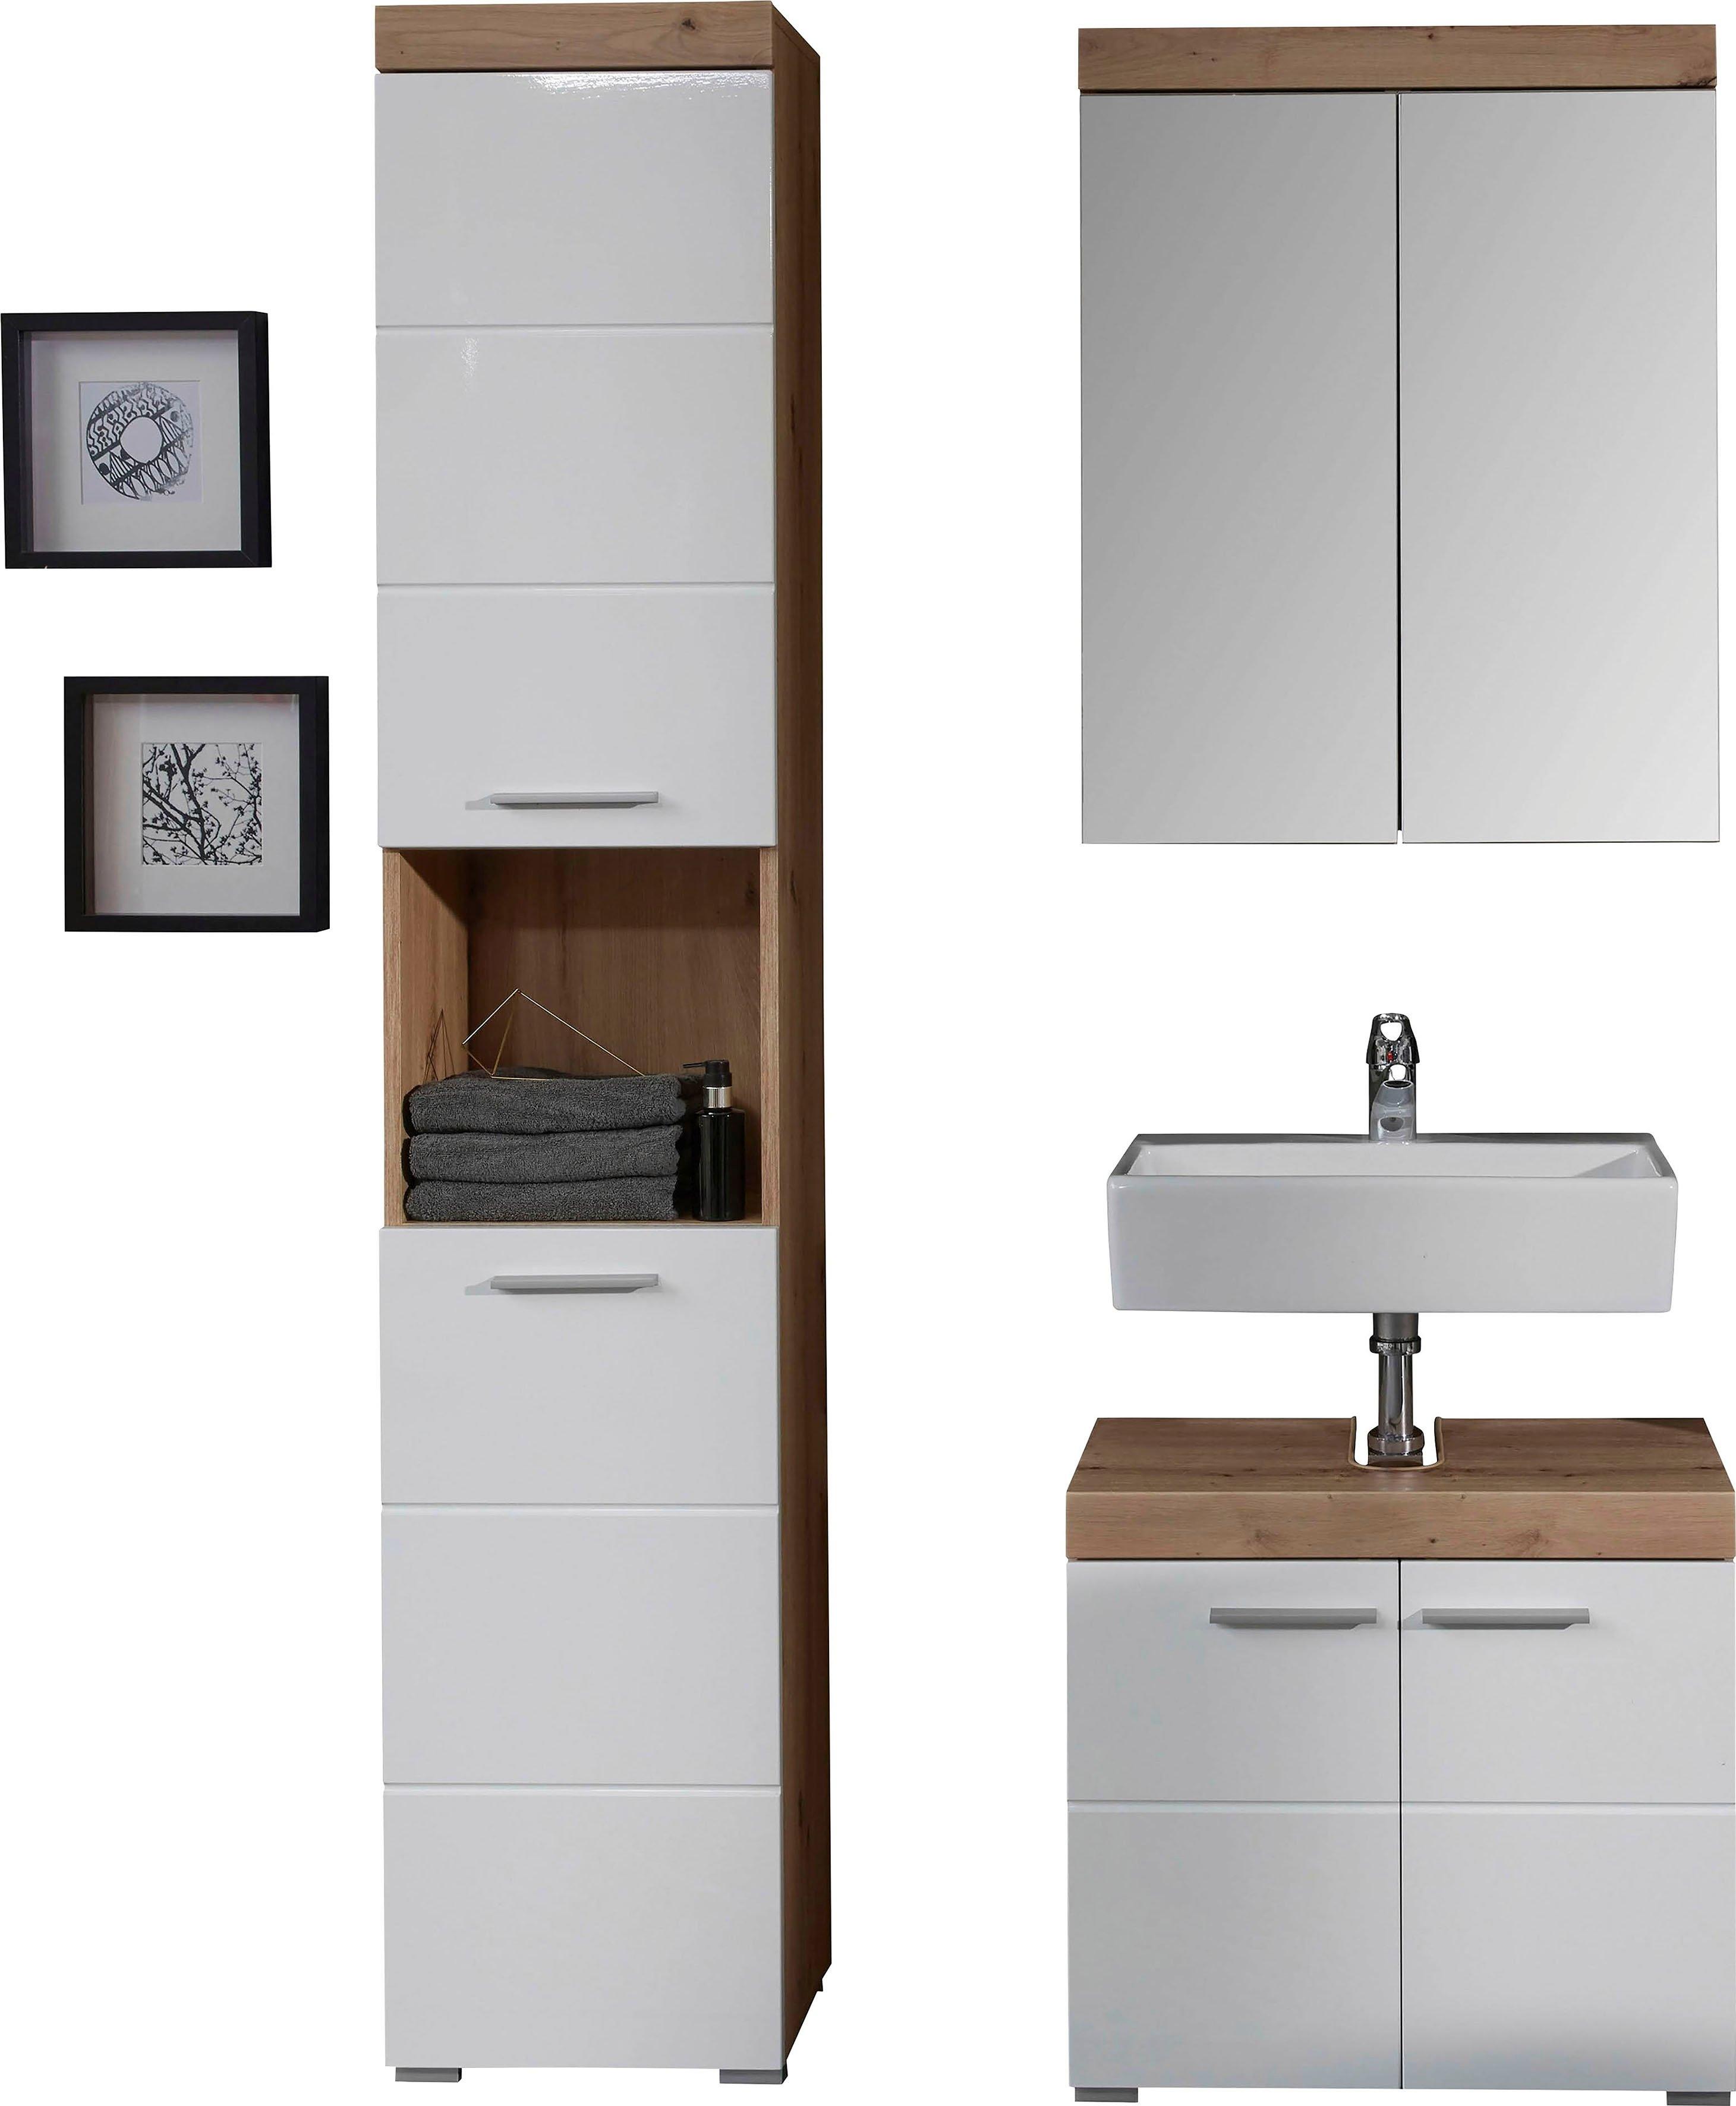 trendteam badkamerserie Amanda met spiegelkast, hoge kast en wastafelonderkast, planken achter de deuren, mdf-fronten in hoogglans- of hout-look (set, 3 stuks) veilig op otto.nl kopen